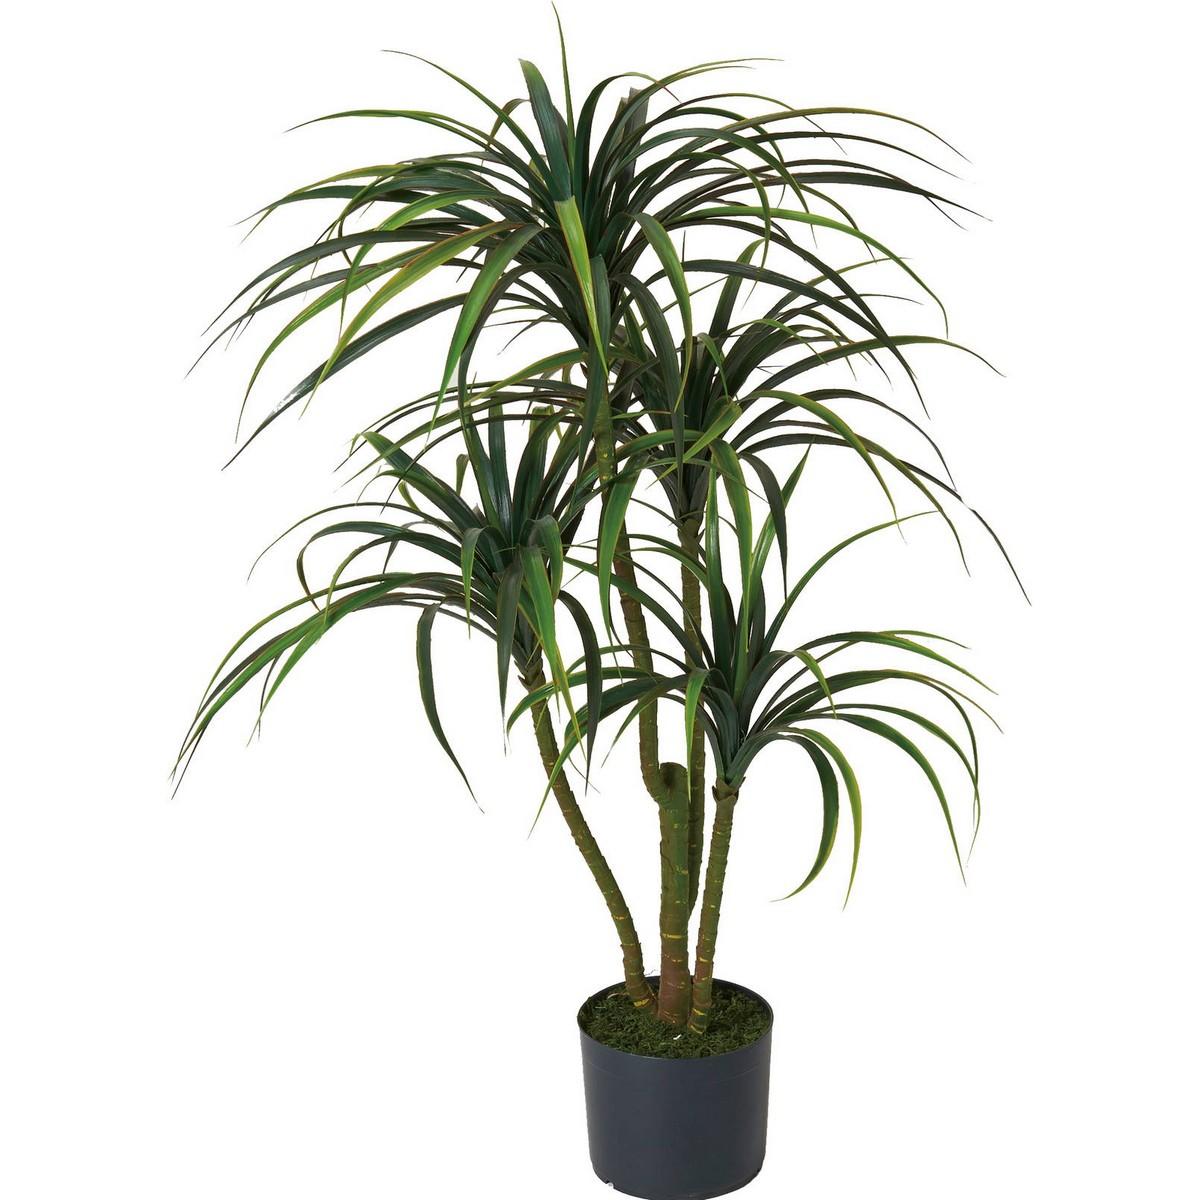 【造花】YDM/ユッカツリー グリーン/GL-5199-GR【01】【取寄】《 造花(アーティフィシャルフラワー) 造花枝物 その他の造花枝物 》